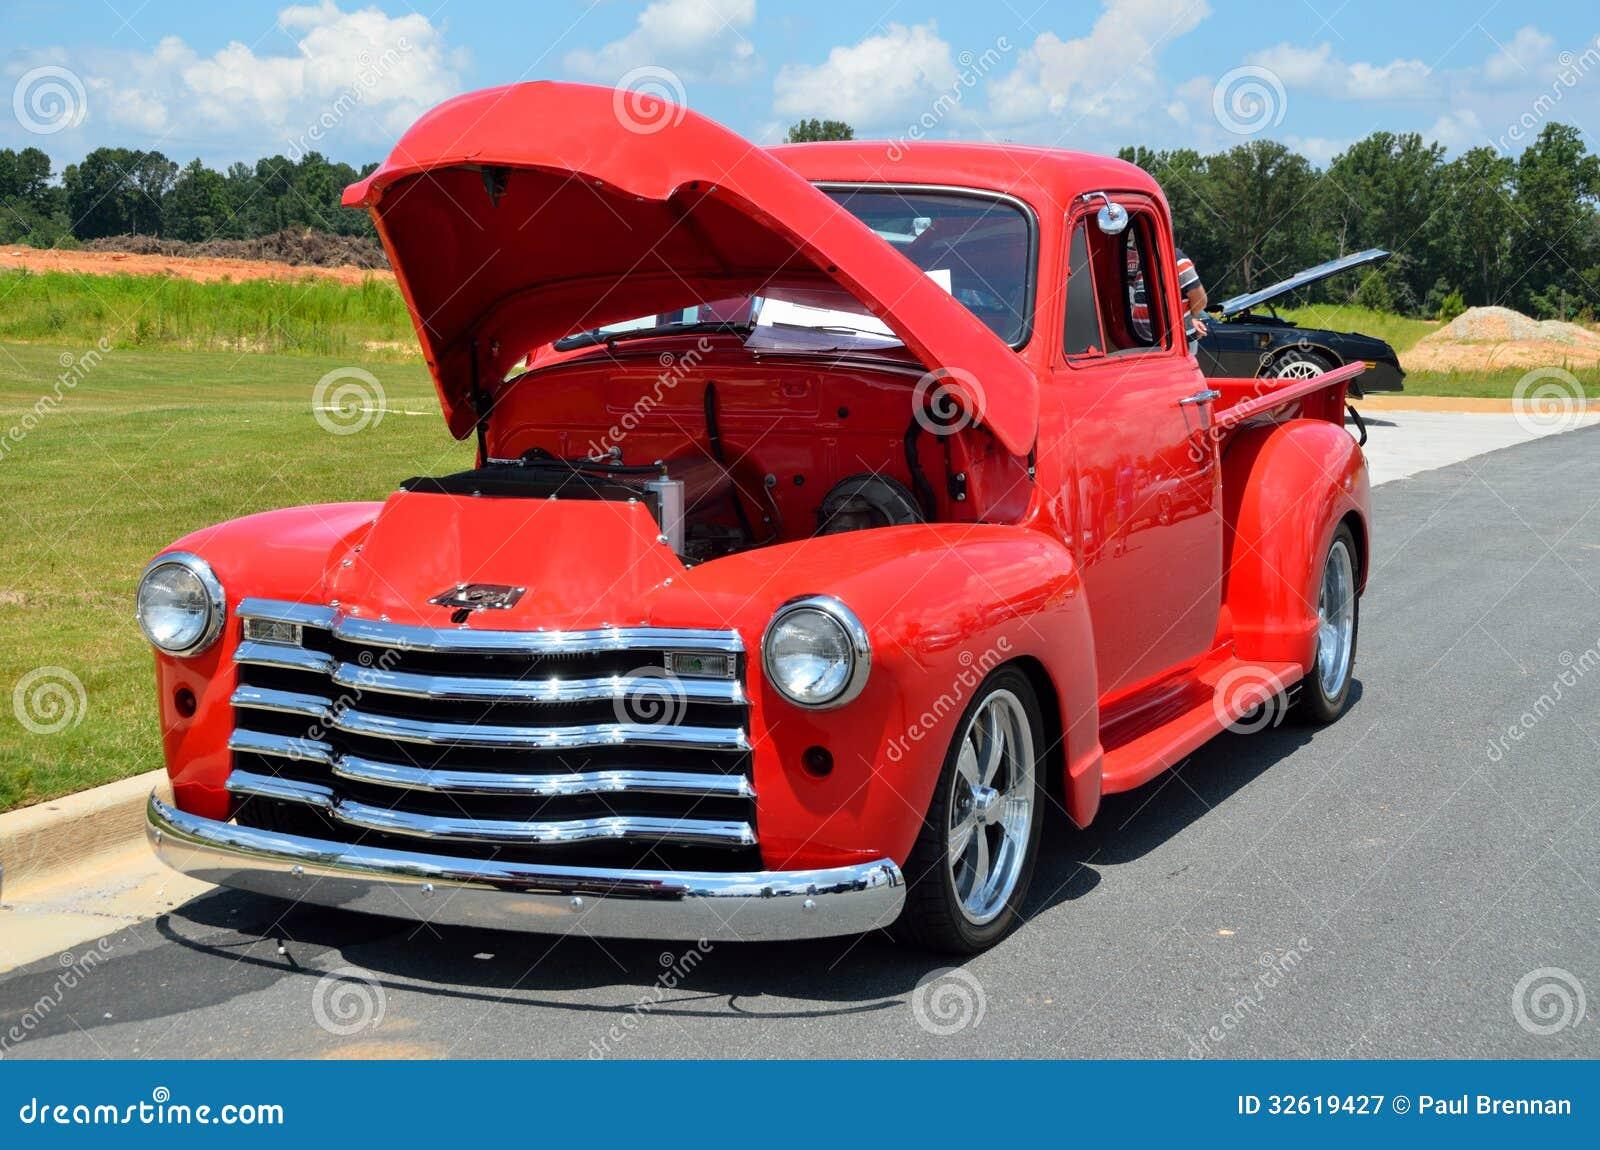 bonnet car classic